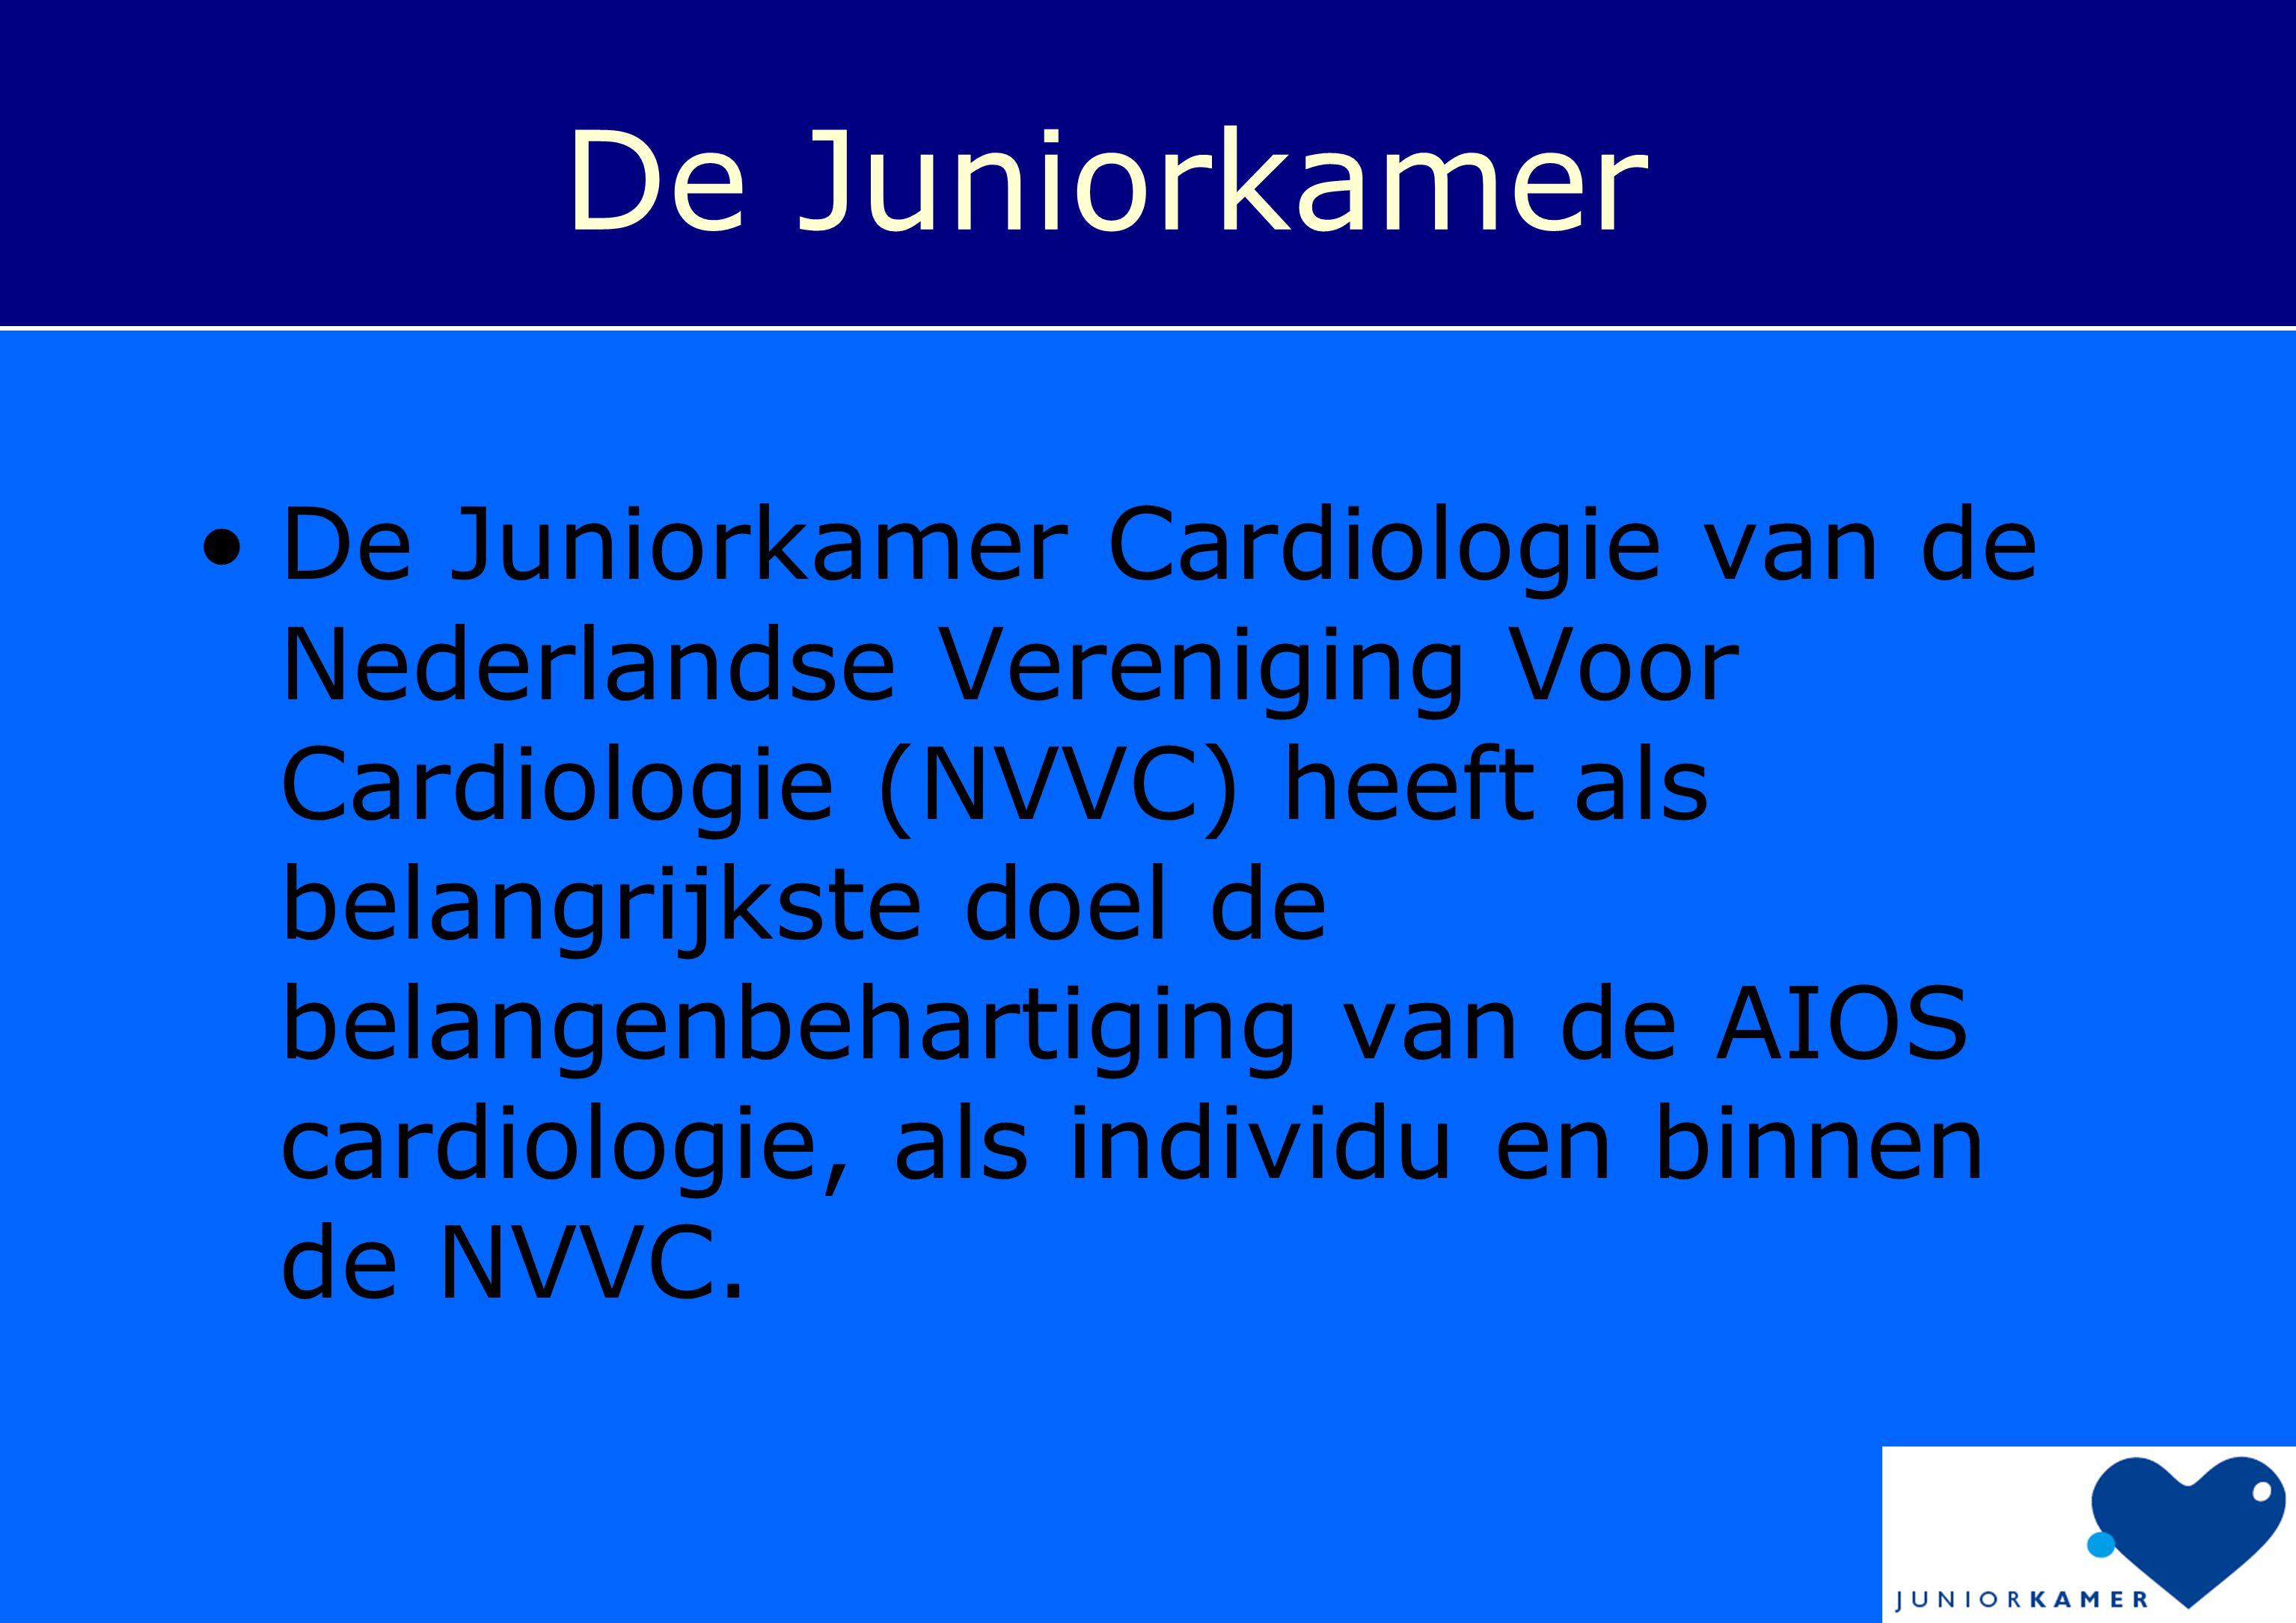 De Juniorkamer •De Juniorkamer Cardiologie van de Nederlandse Vereniging Voor Cardiologie (NVVC) heeft als belangrijkste doel de belangenbehartiging v